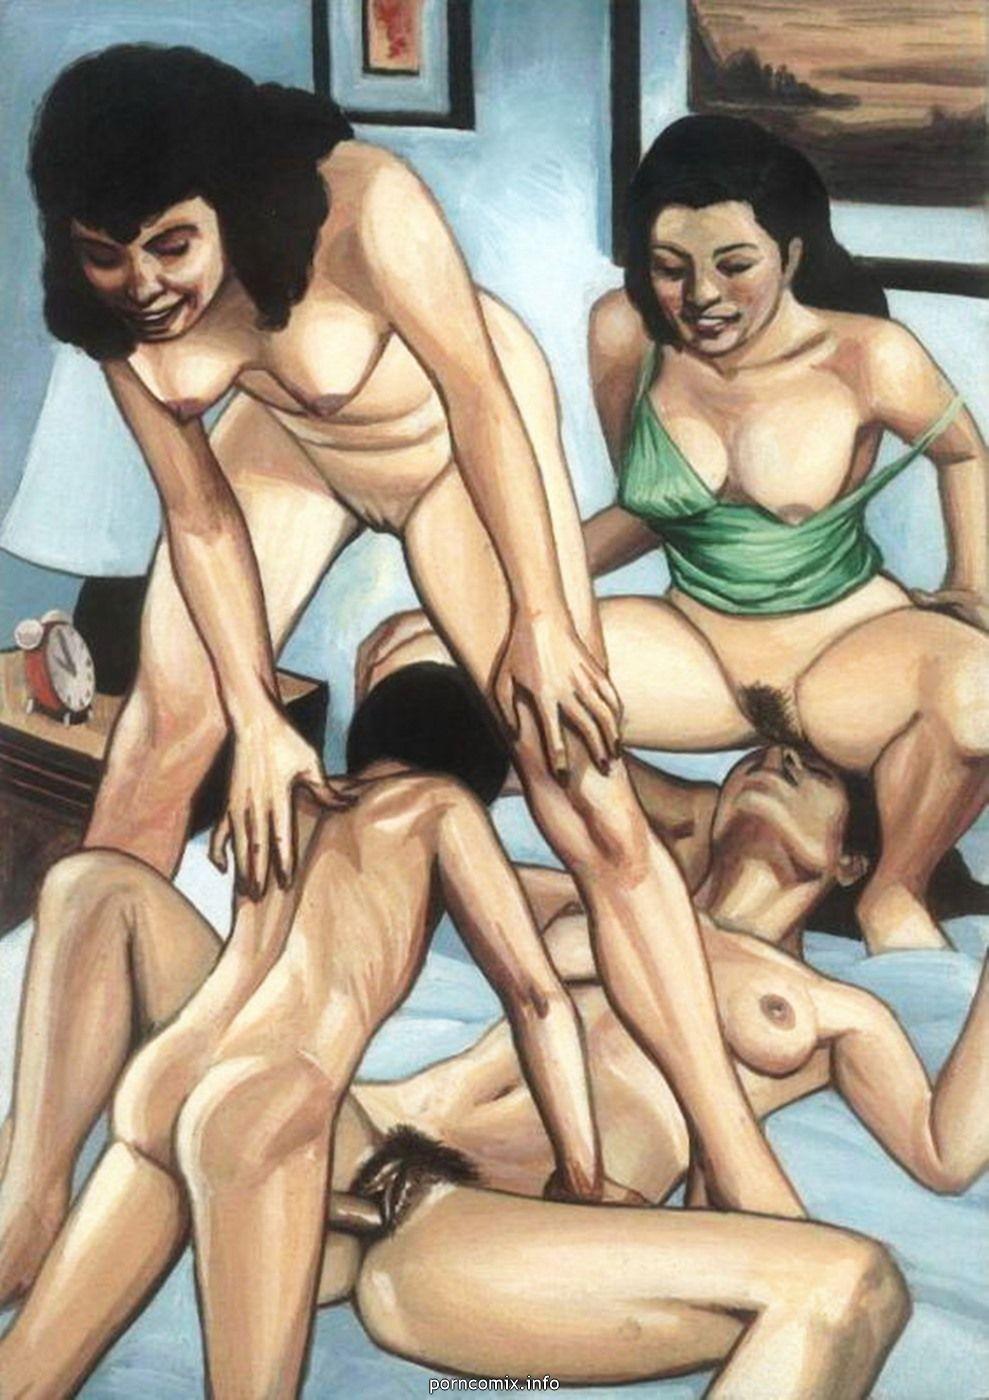 smotret-onlayn-erotiki-intsesta-bez-registratsii